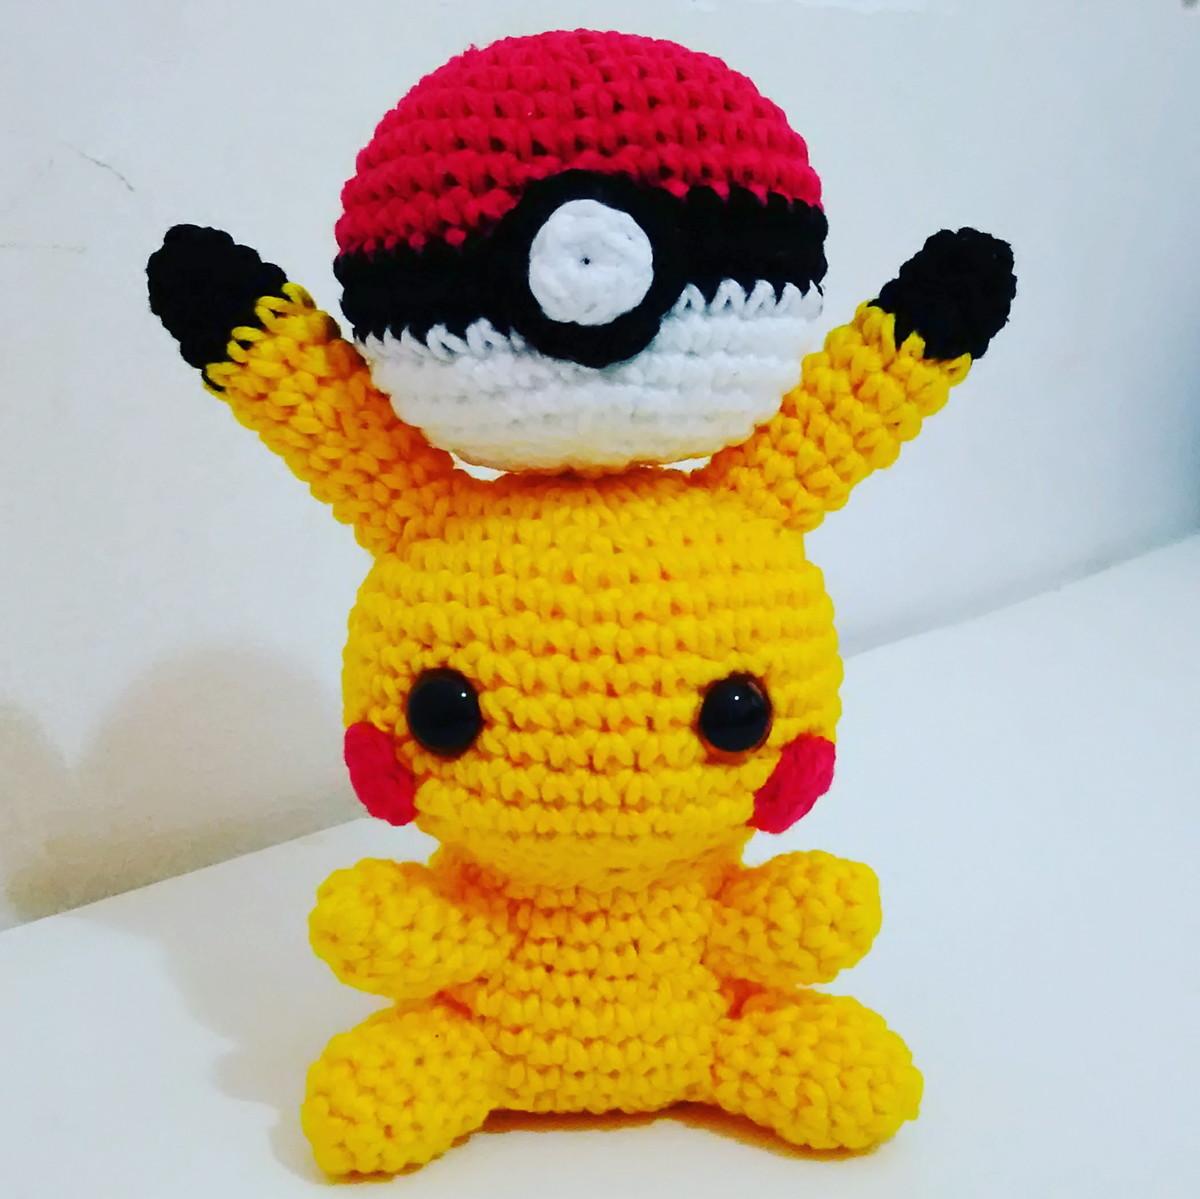 PIKACHU CROCHET PATTERN - Detective Pikachu Amigurumi Pdf pattern ... | 1199x1200